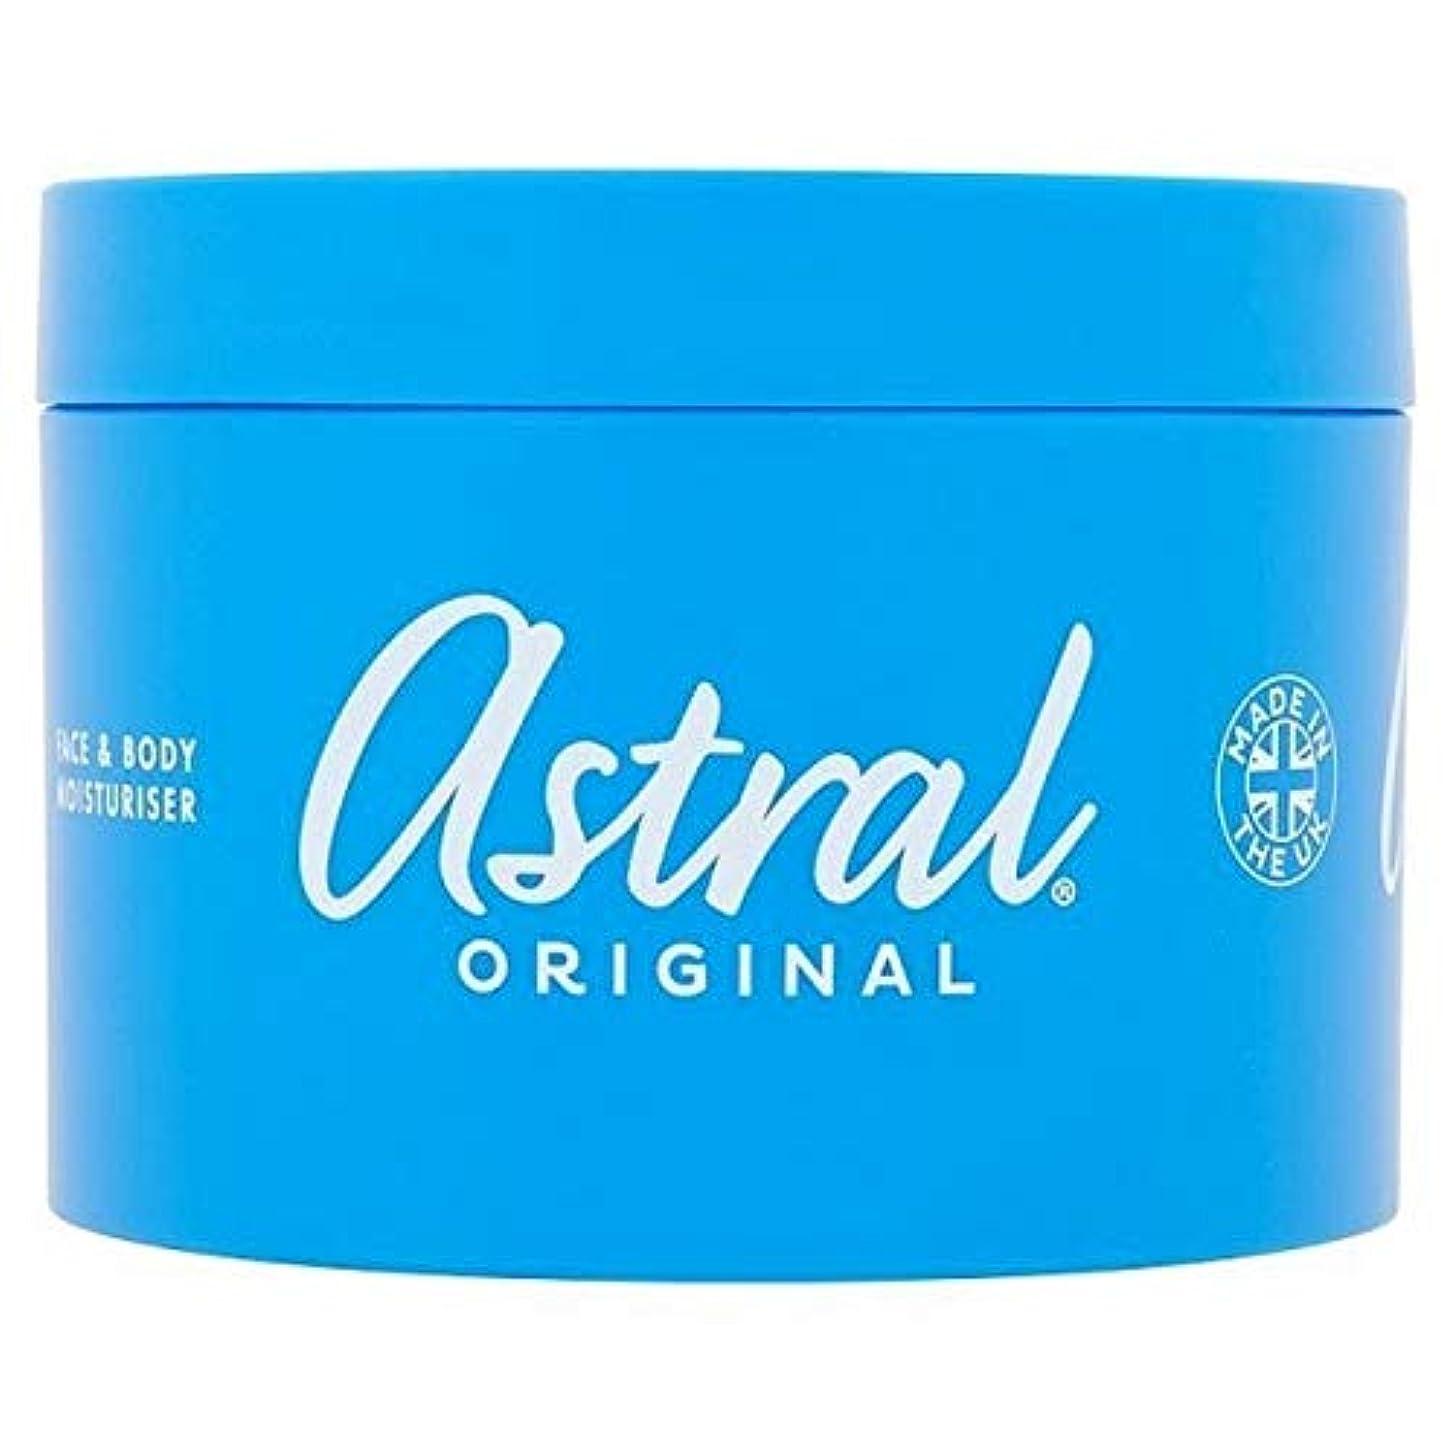 確かなアンタゴニストミネラル[Astral ] アストラルクリーム500ミリリットル - Astral Cream 500ml [並行輸入品]